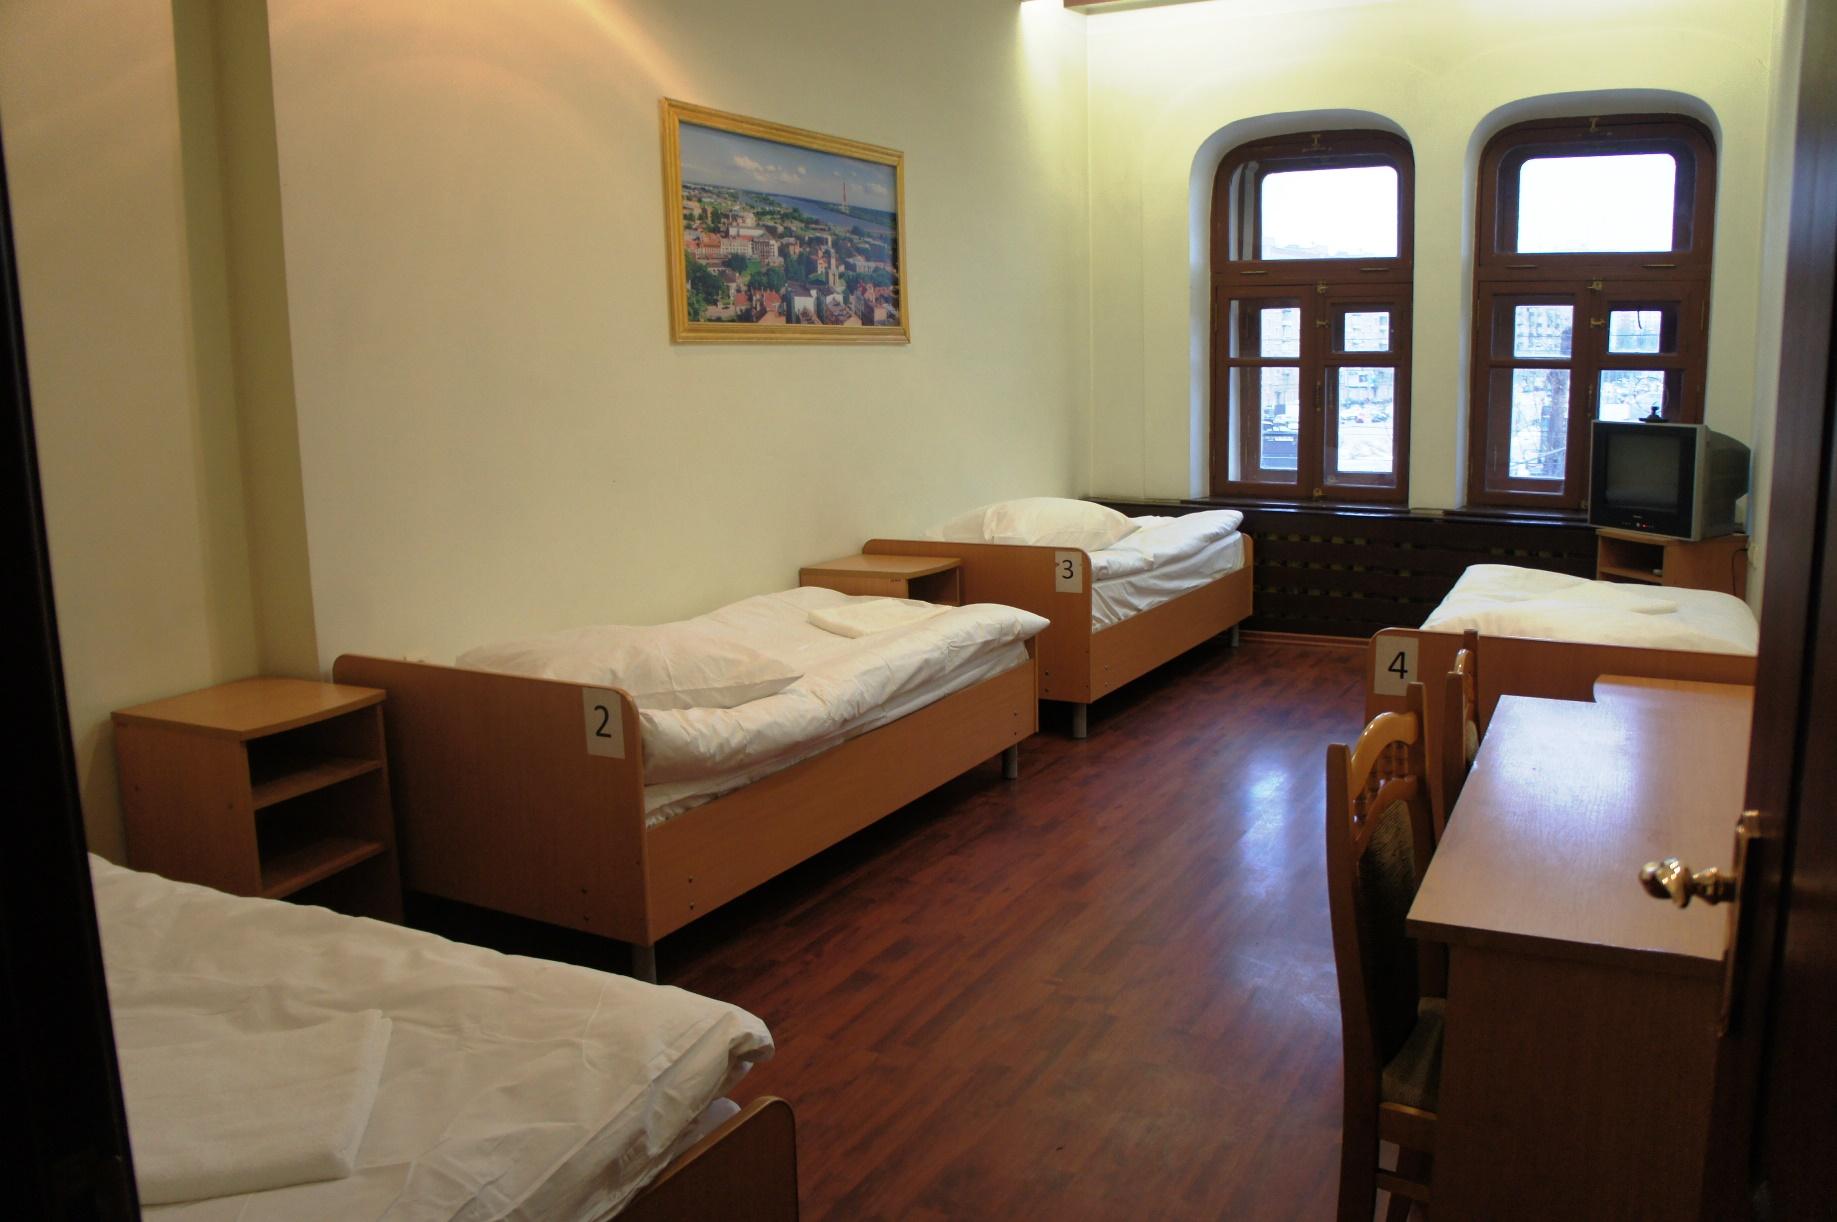 4_5_hostel 1.JPG